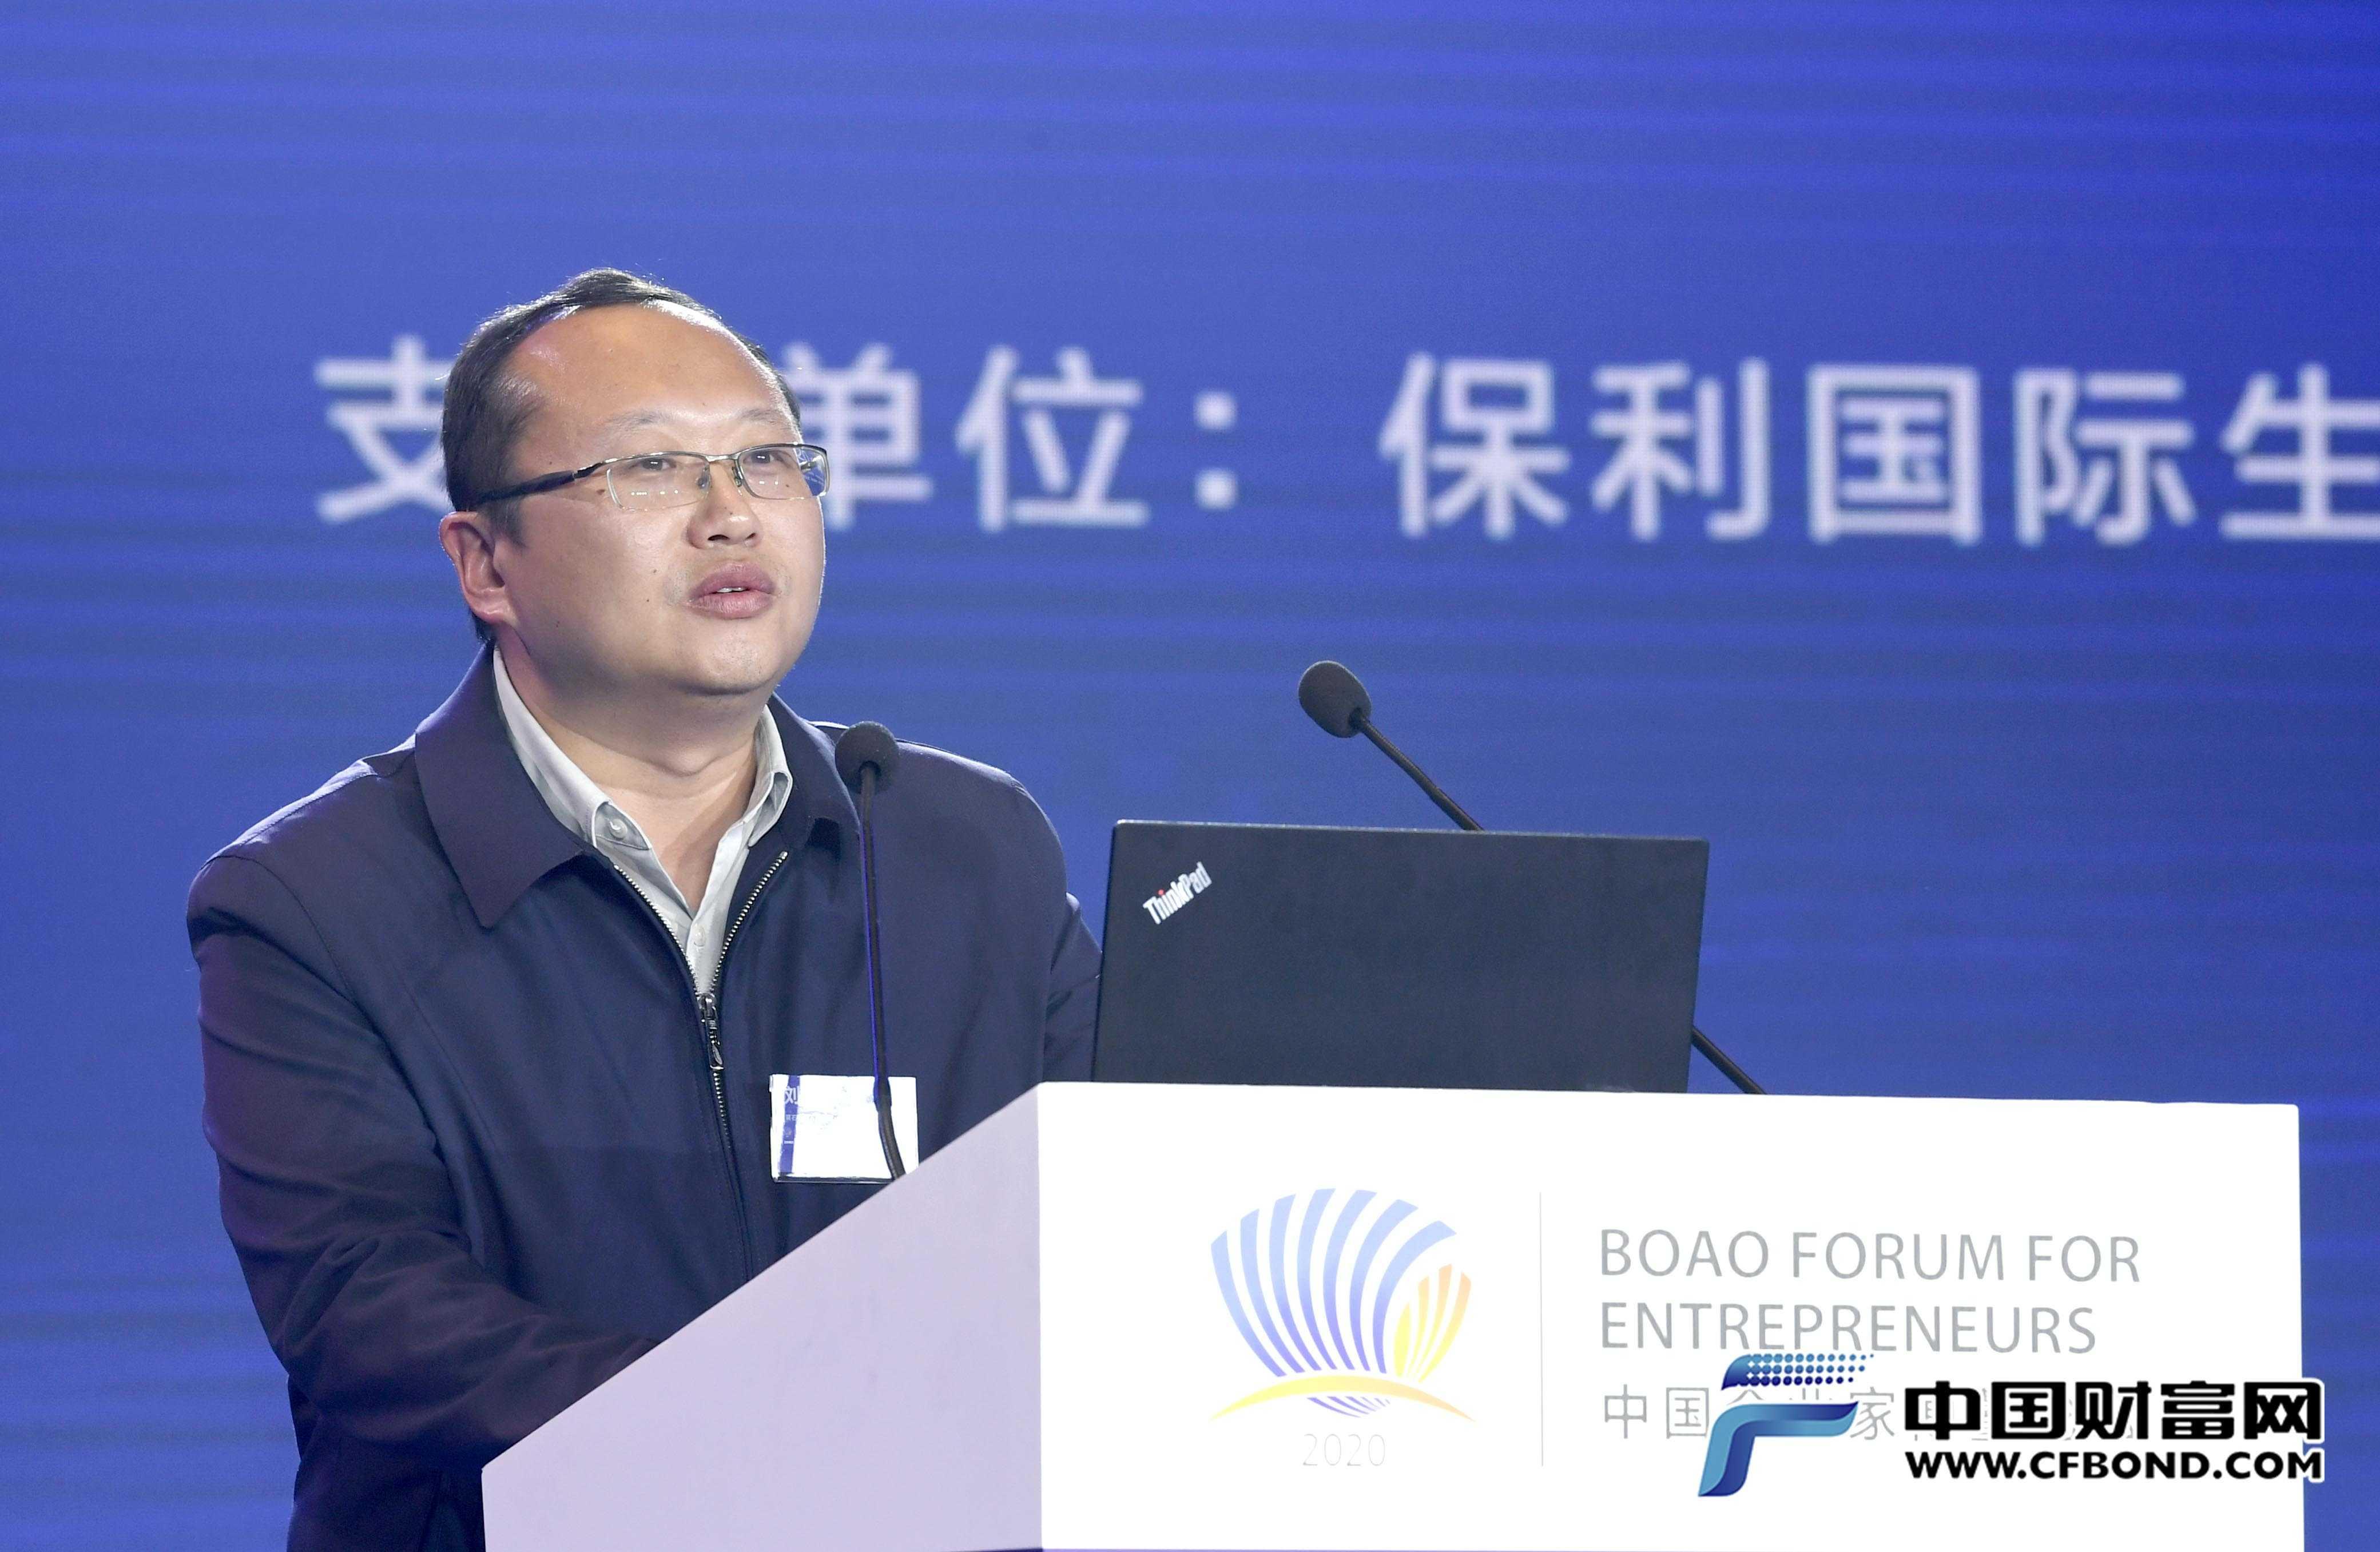 刘宇:金融科技助力扶贫